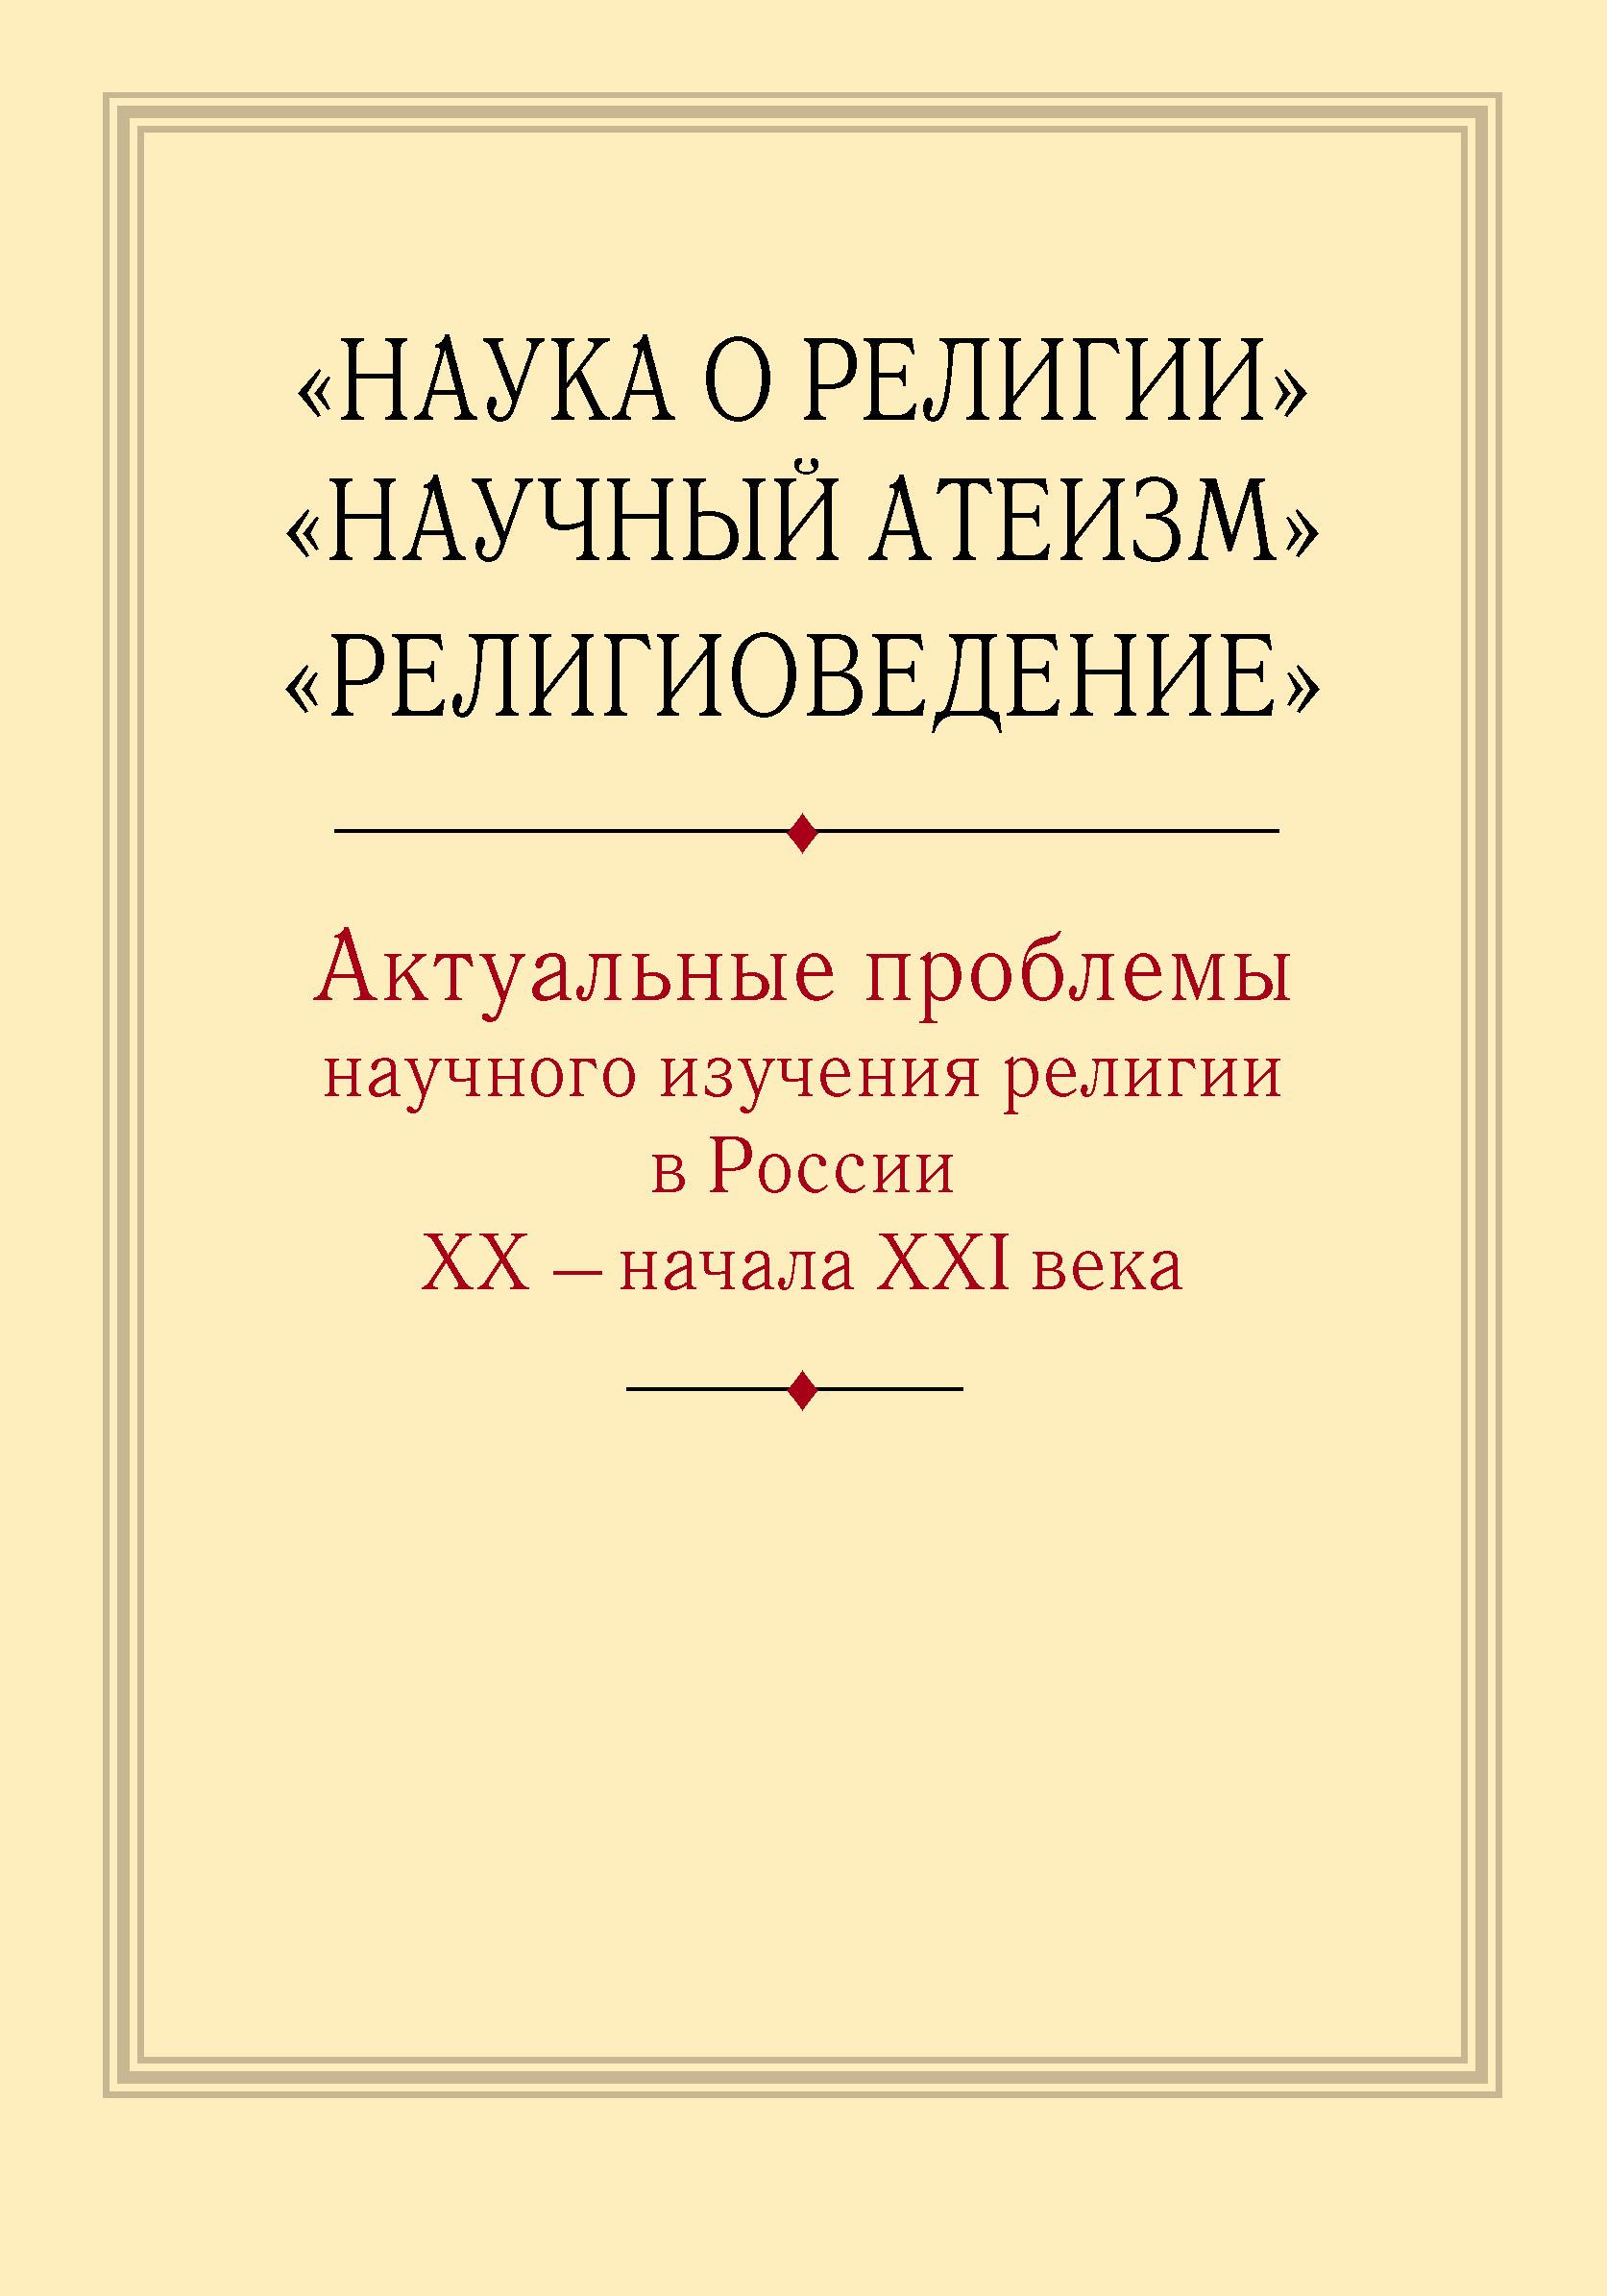 «Наука о религии», «Научный атеизм», «Религиоведение». Актуальные проблемы научного изучения религии в России ХХ – начала XXI в.